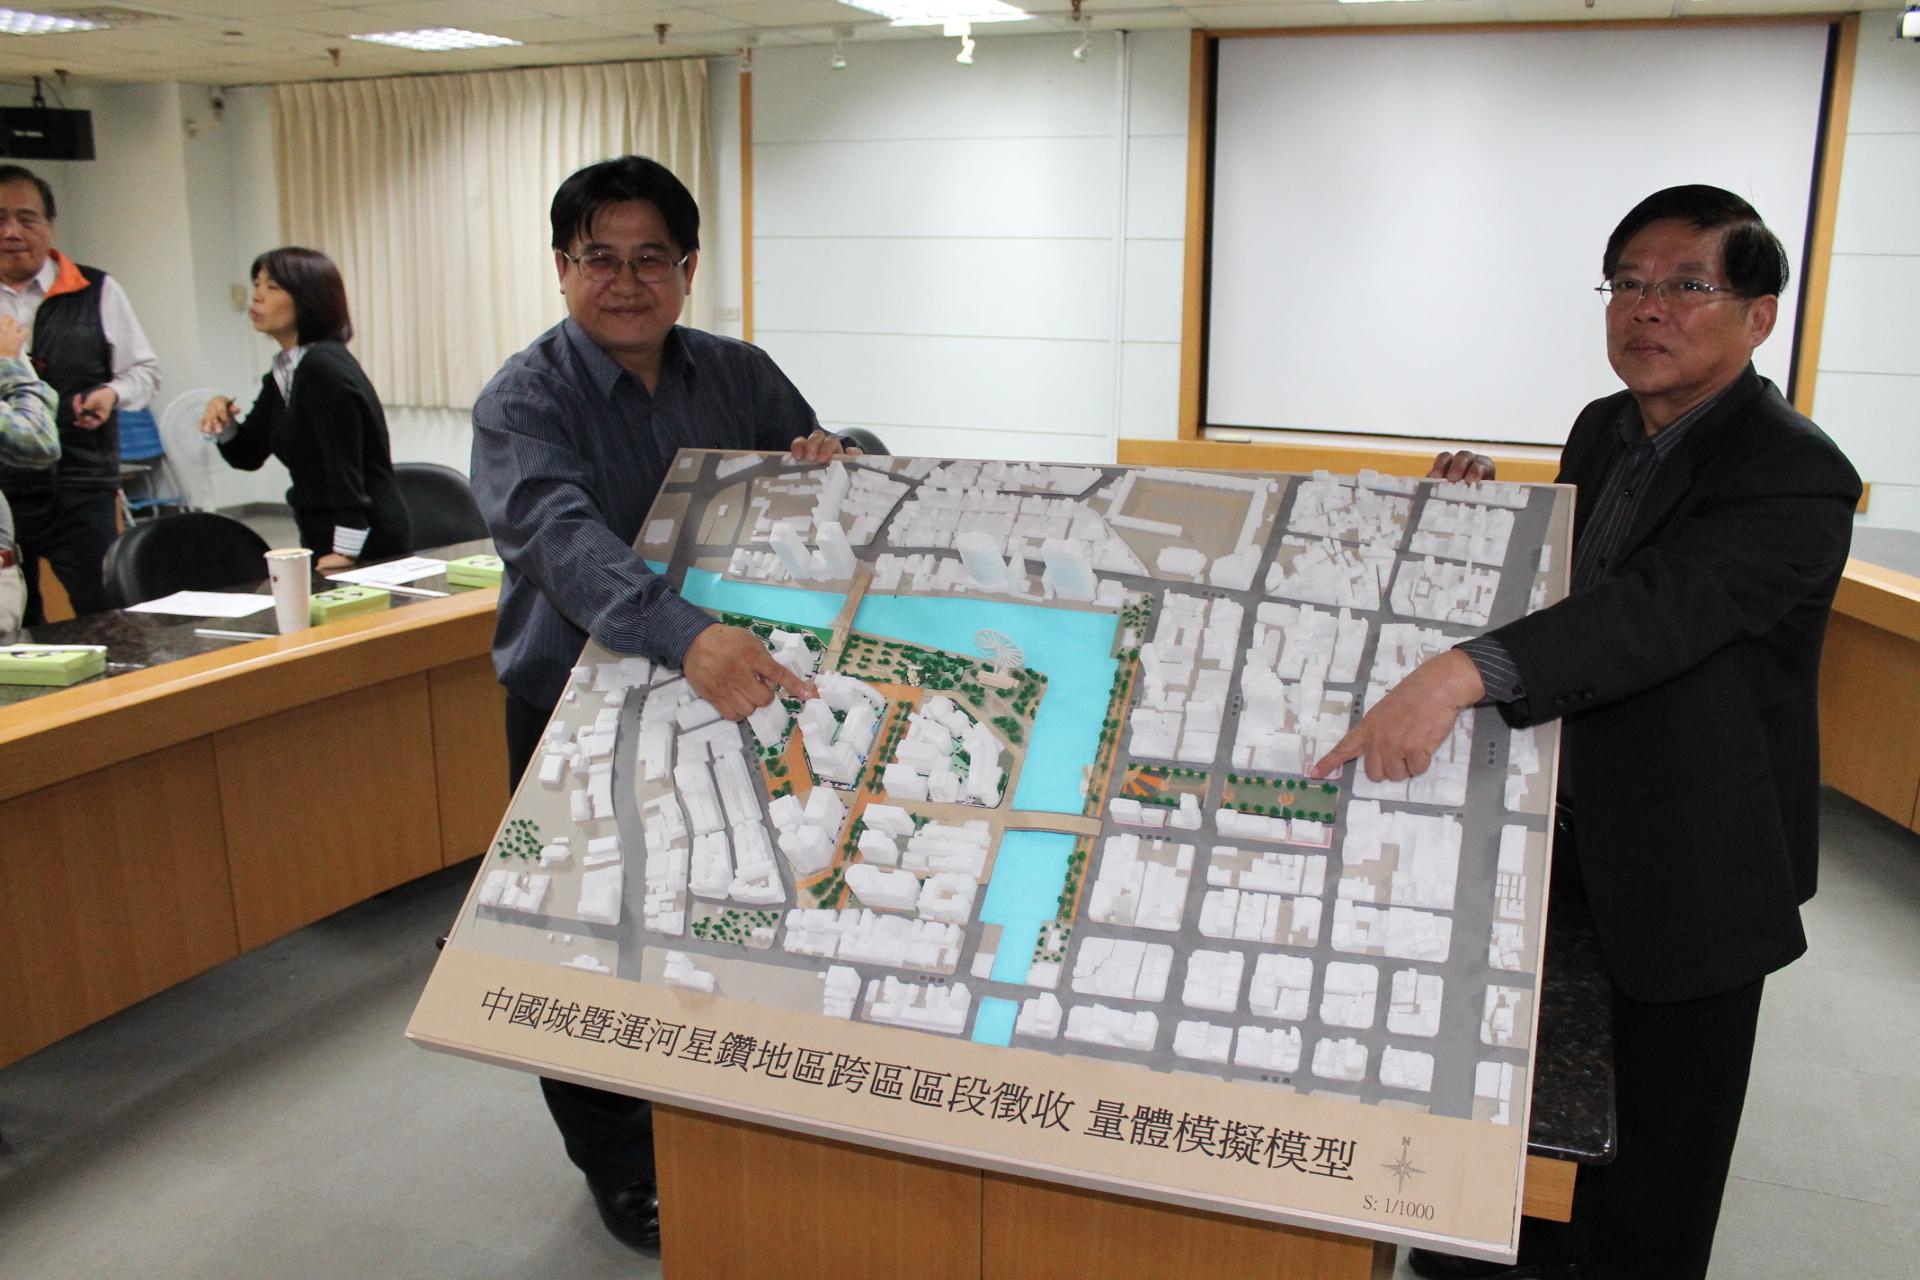 開發中國城暨運河星鑽地區、復甦市中心之發展願景  0